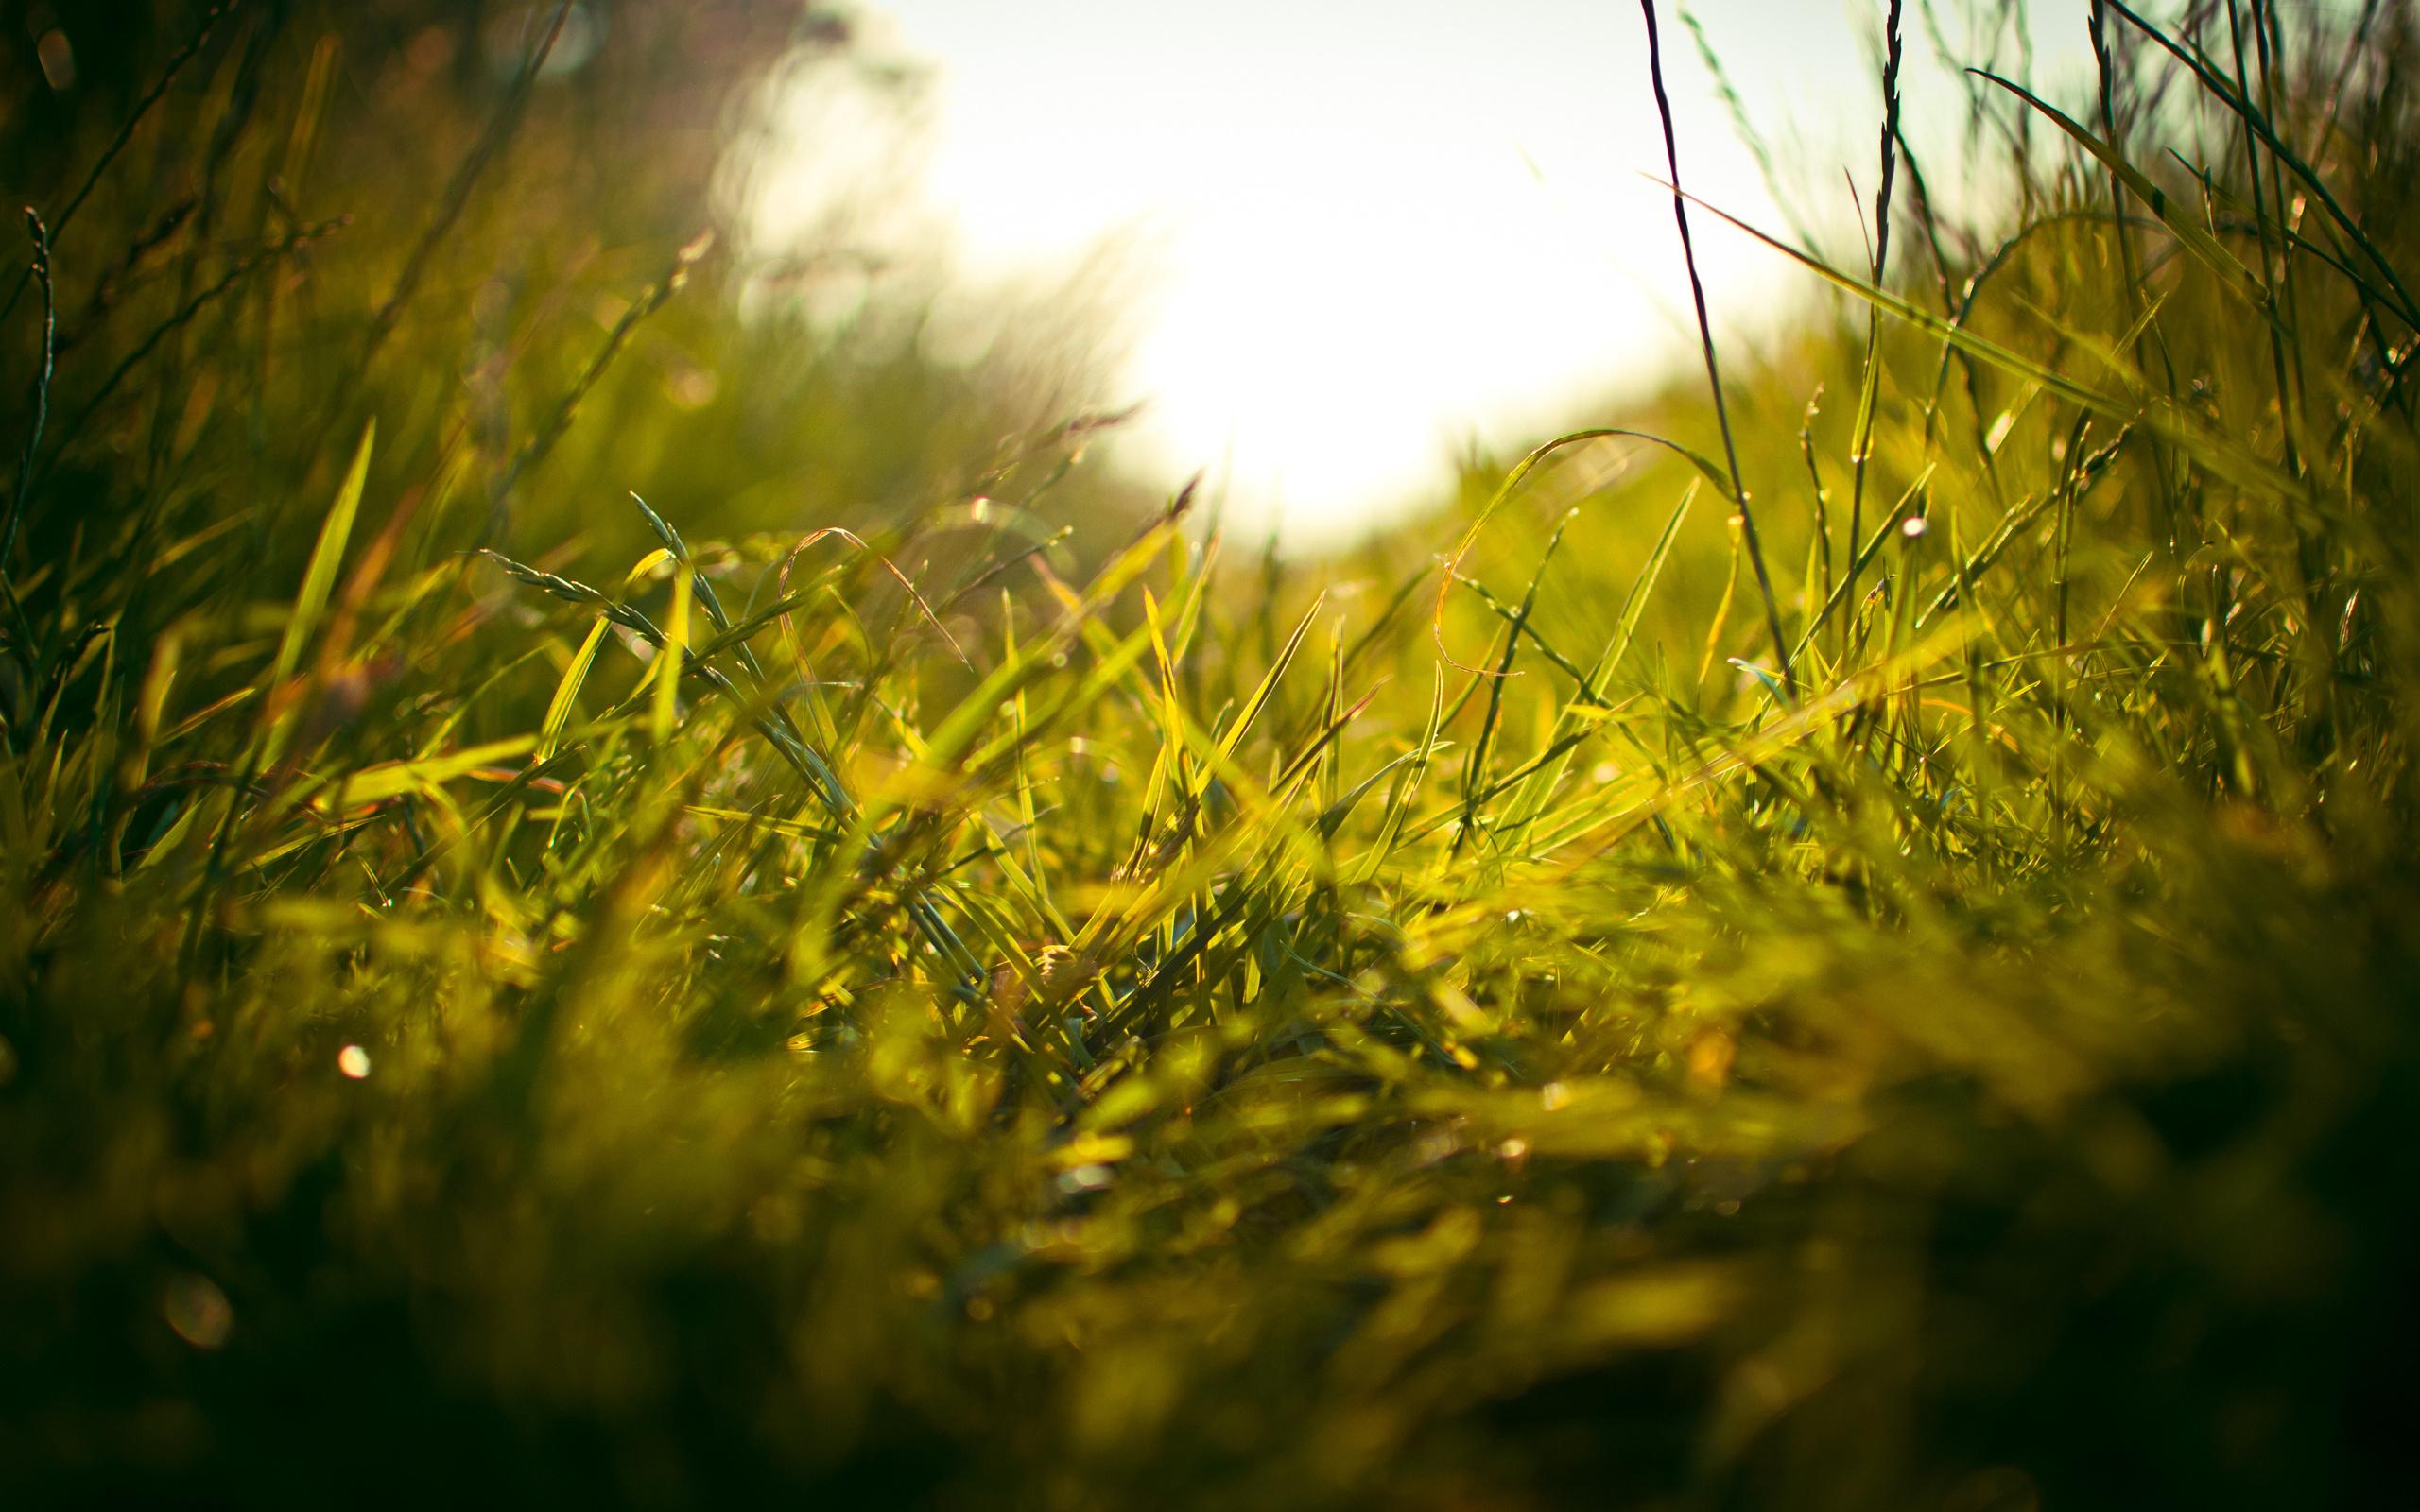 поле травы обои на рабочий стол № 31446 бесплатно